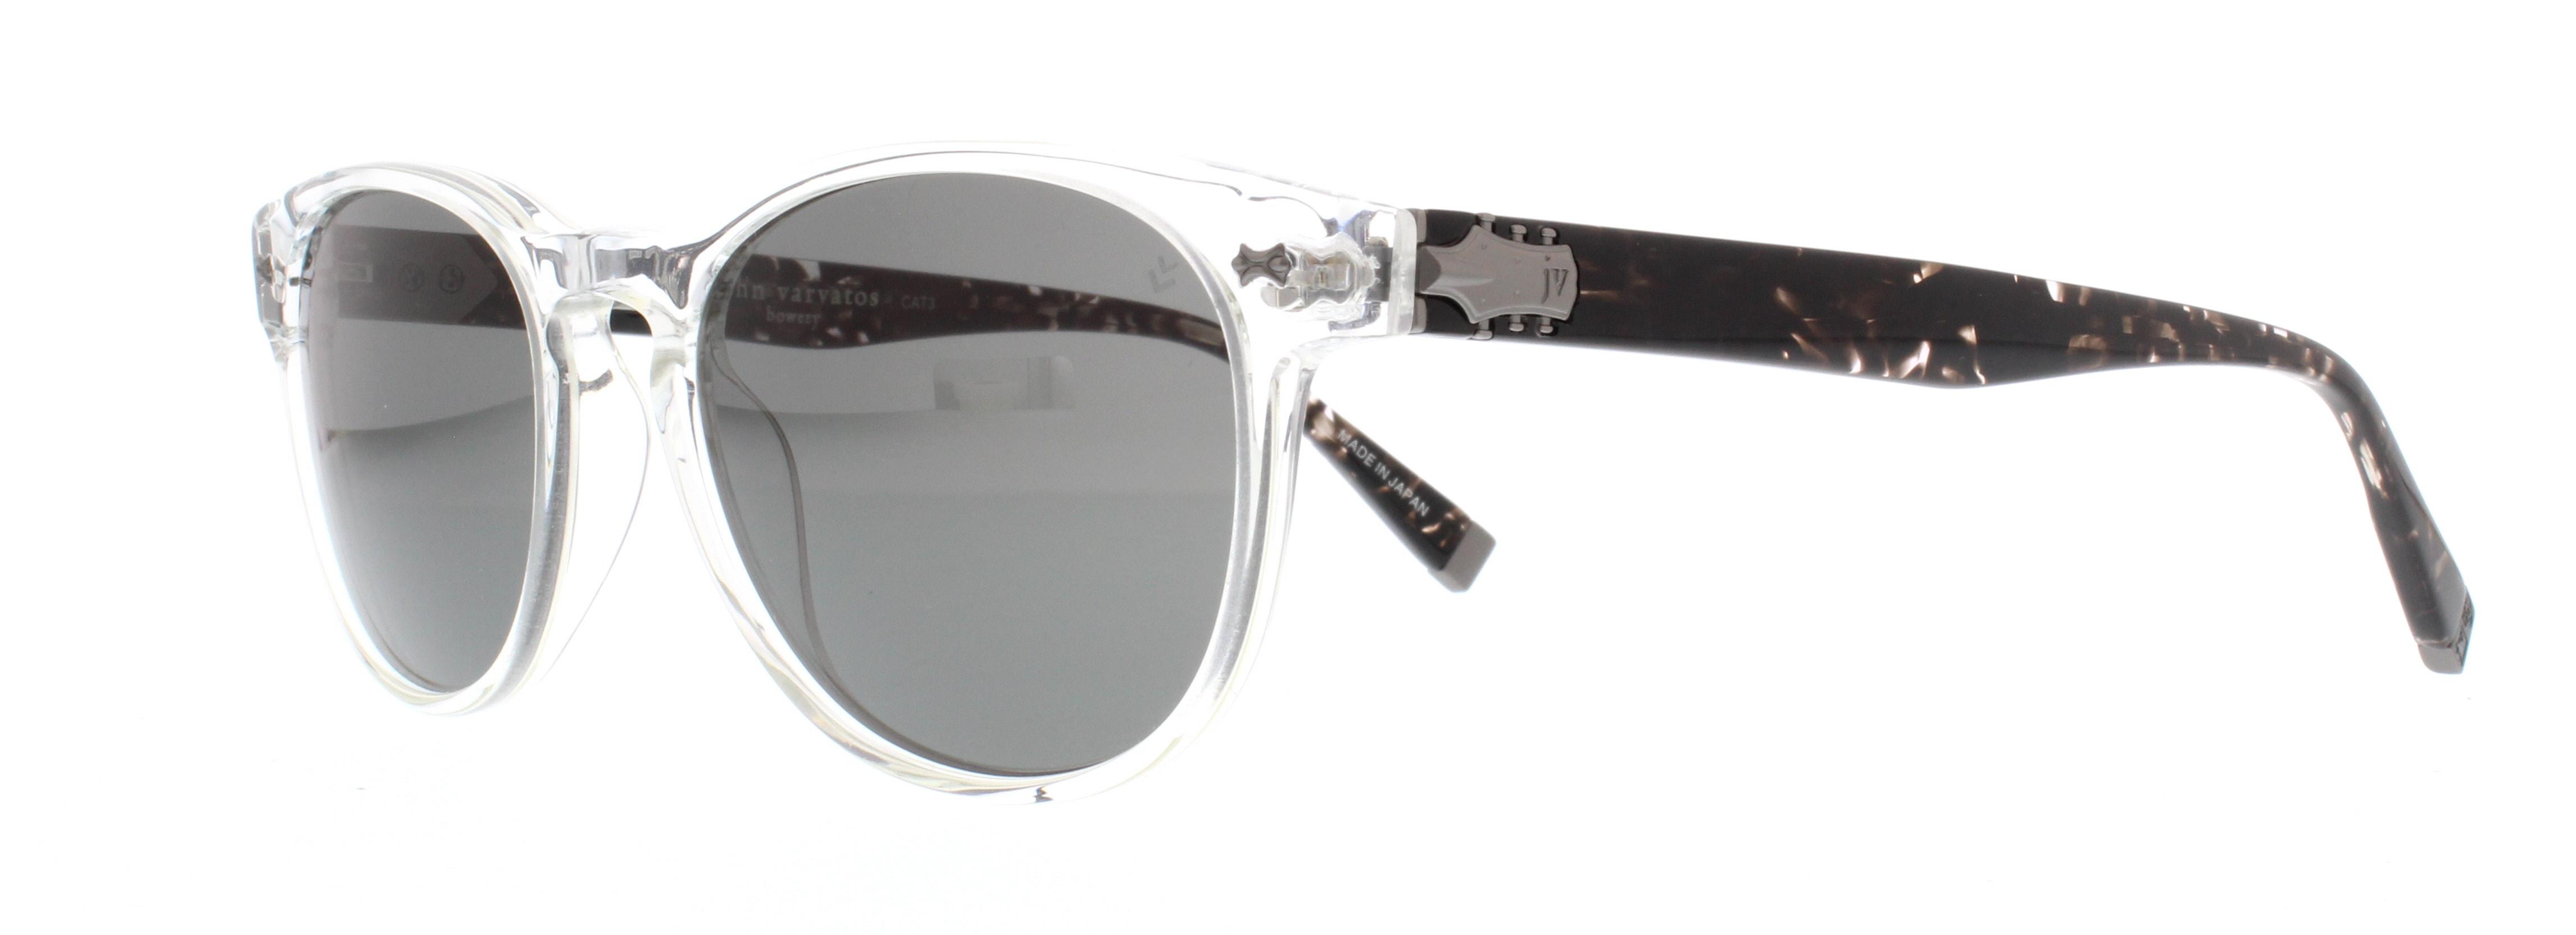 2167dd38d7e Sunglasses